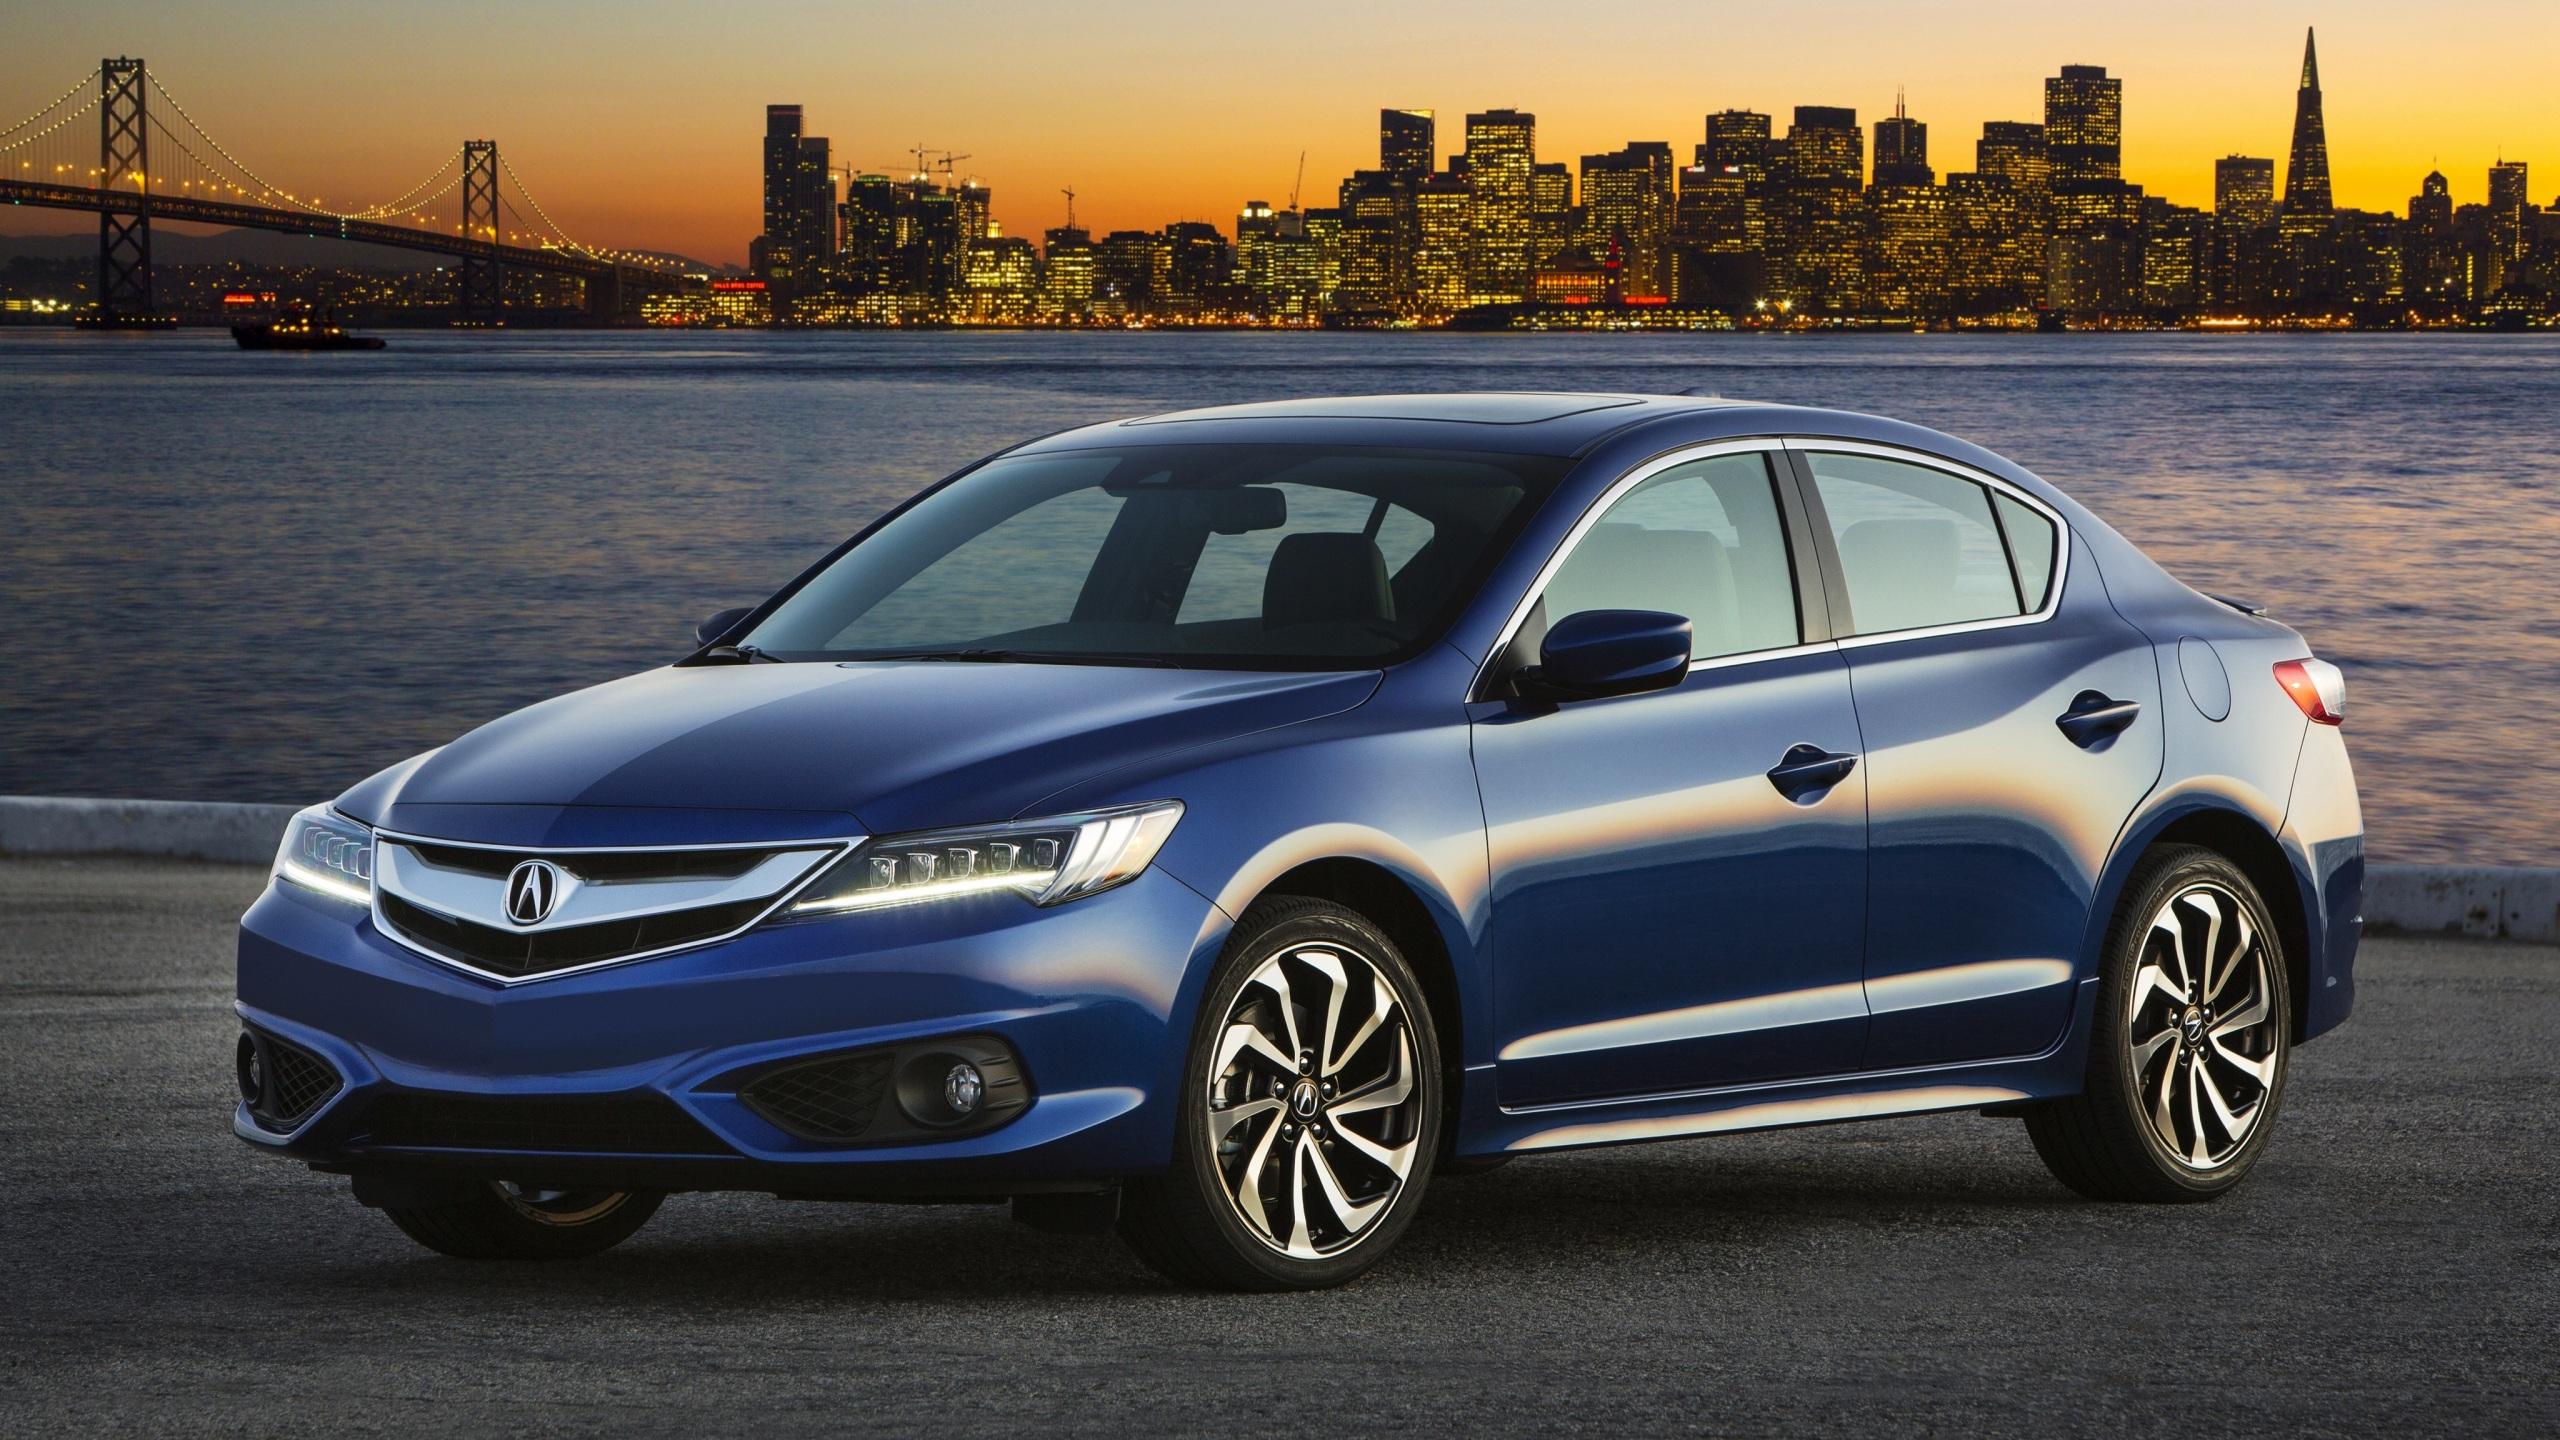 Красивые девушки и автомобили в картинках 2012